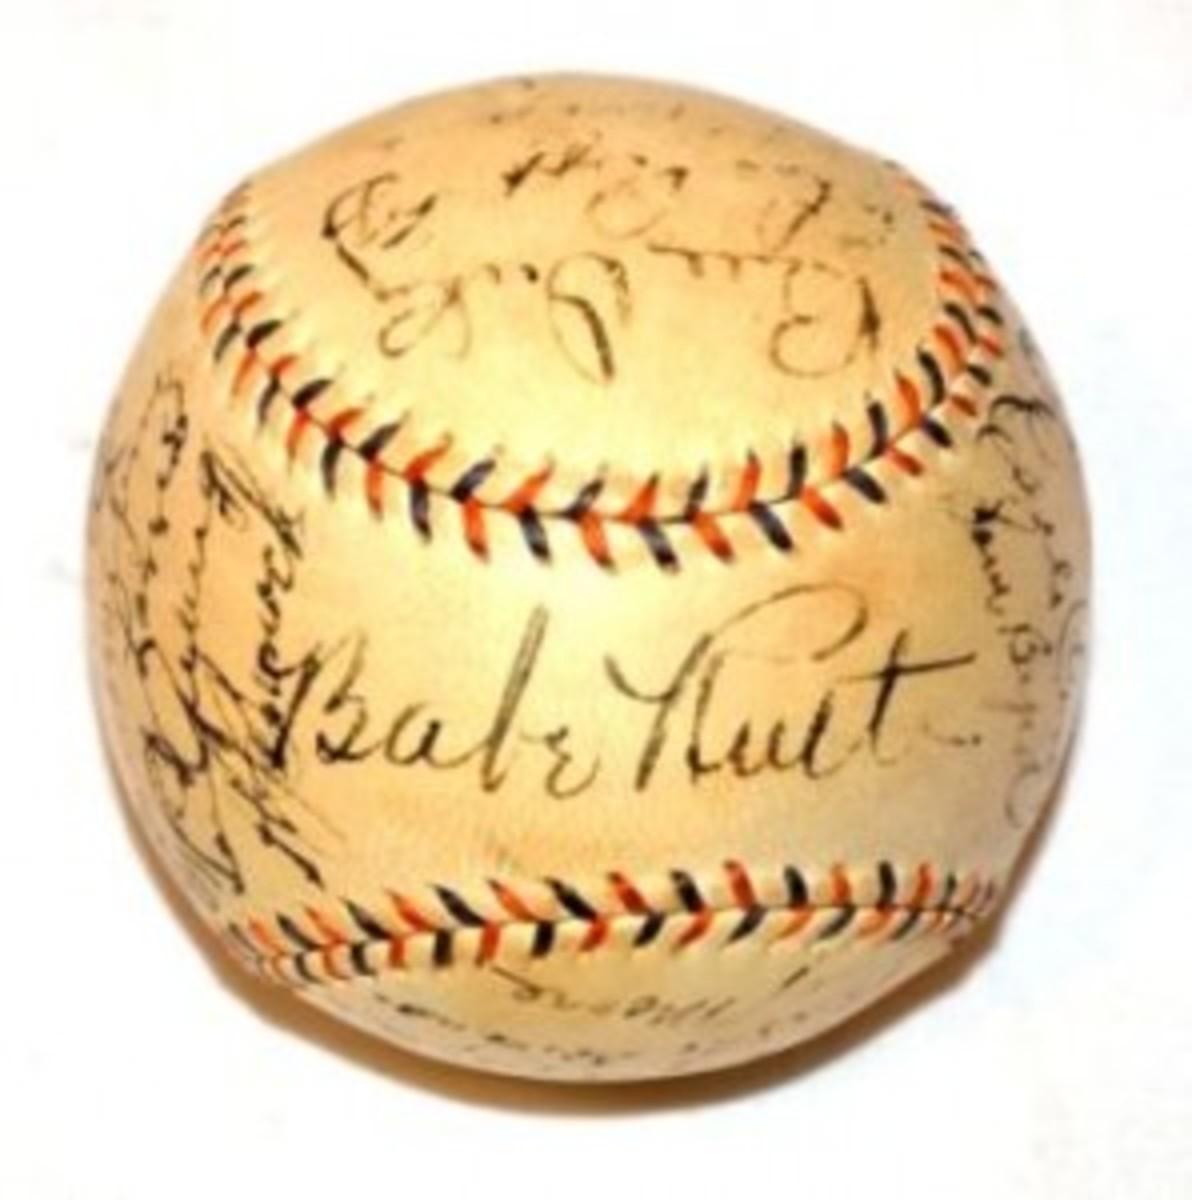 1934yankeesball